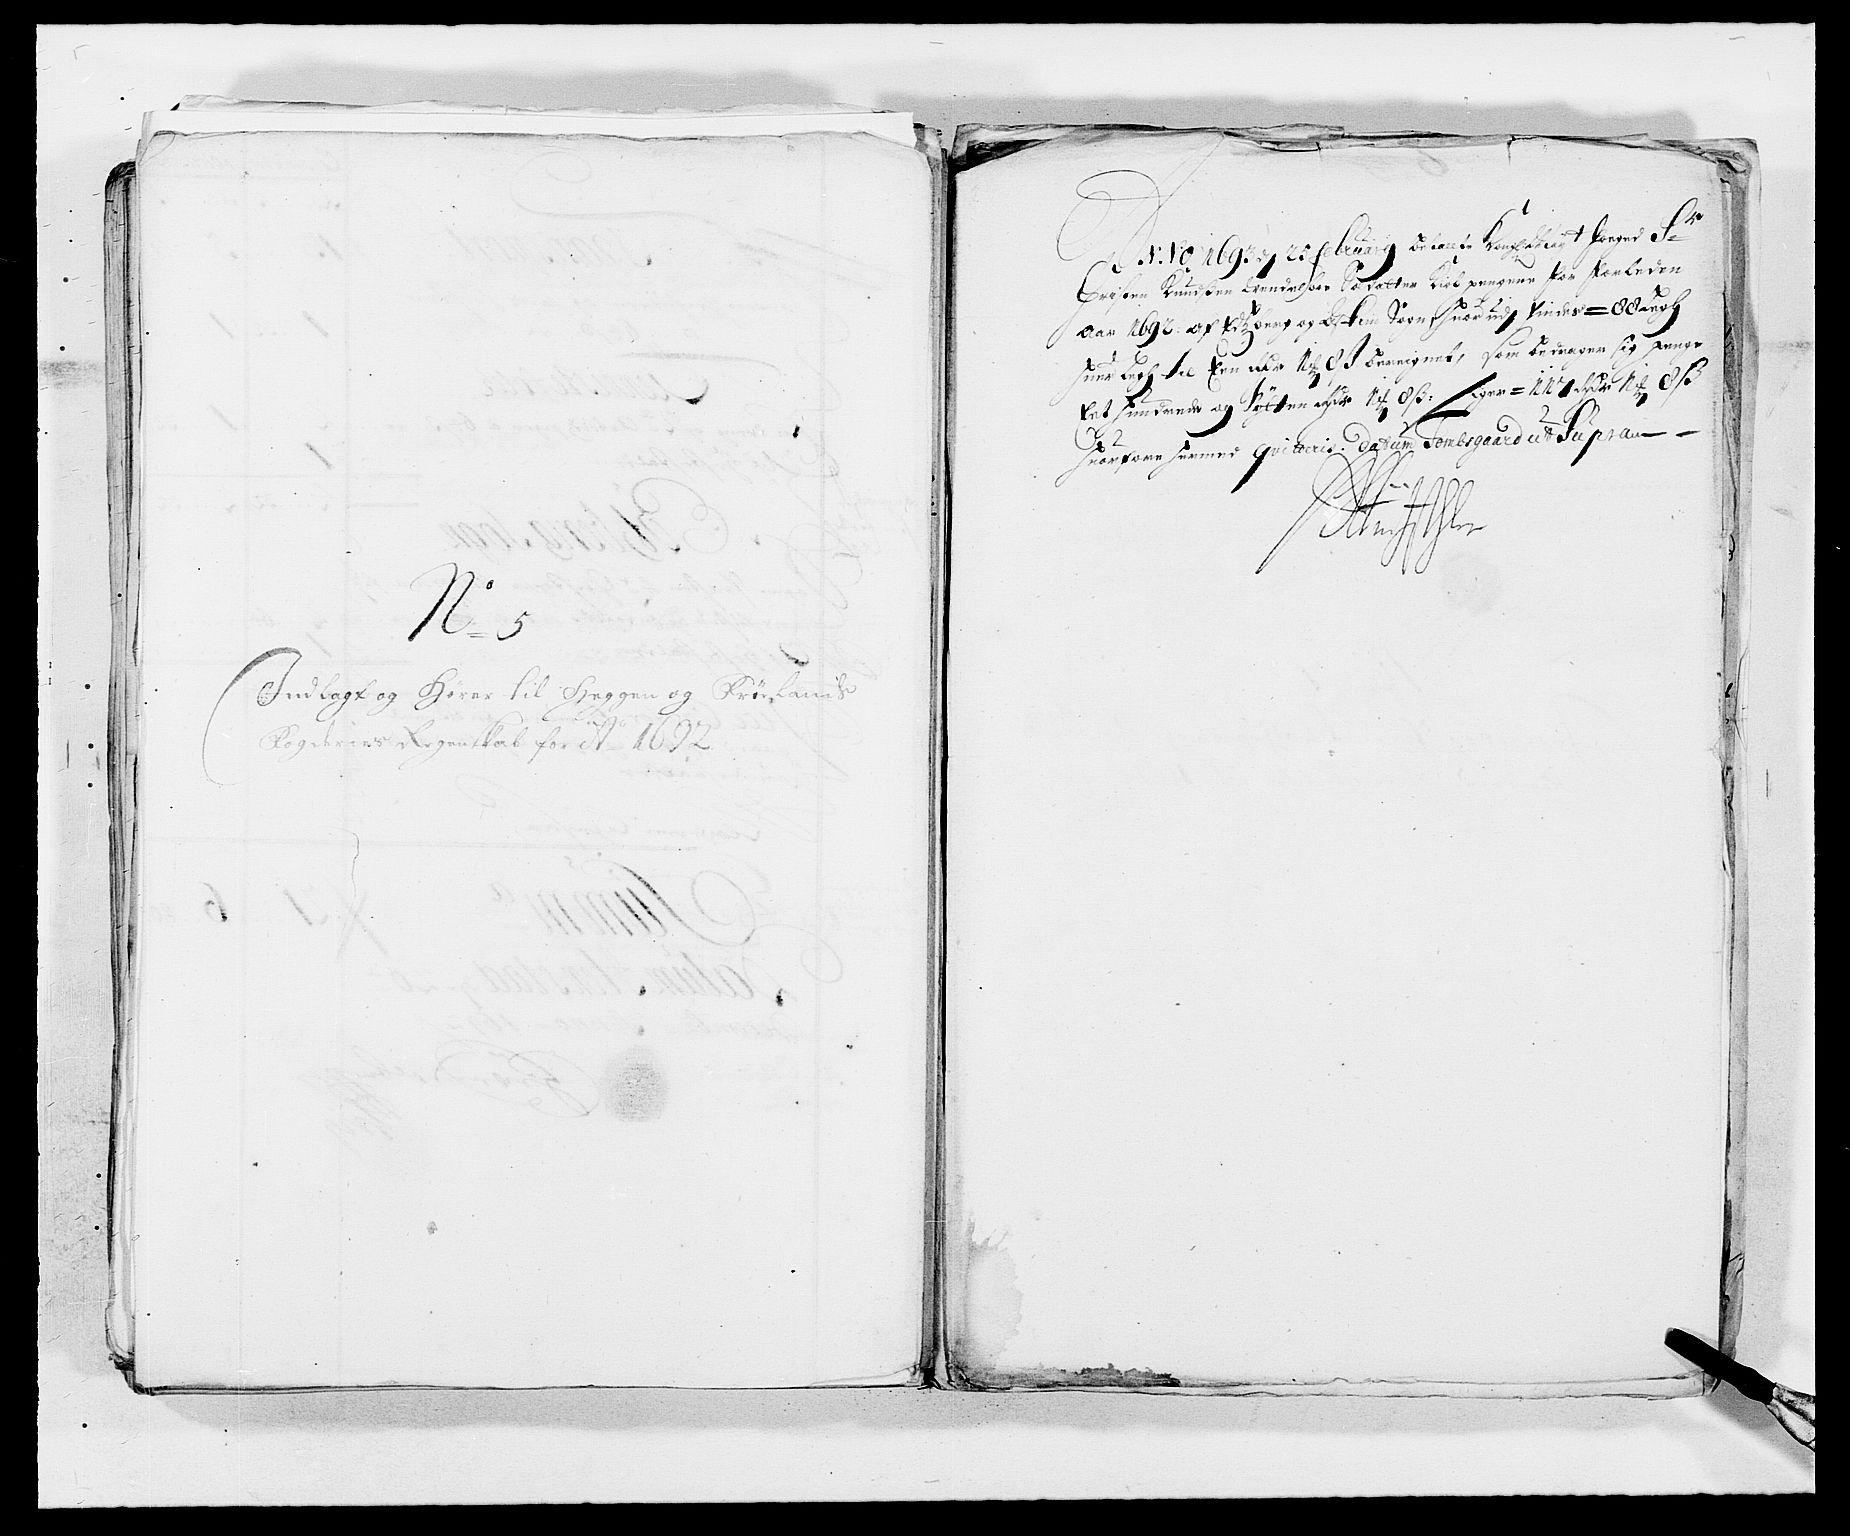 RA, Rentekammeret inntil 1814, Reviderte regnskaper, Fogderegnskap, R06/L0283: Fogderegnskap Heggen og Frøland, 1691-1693, s. 265